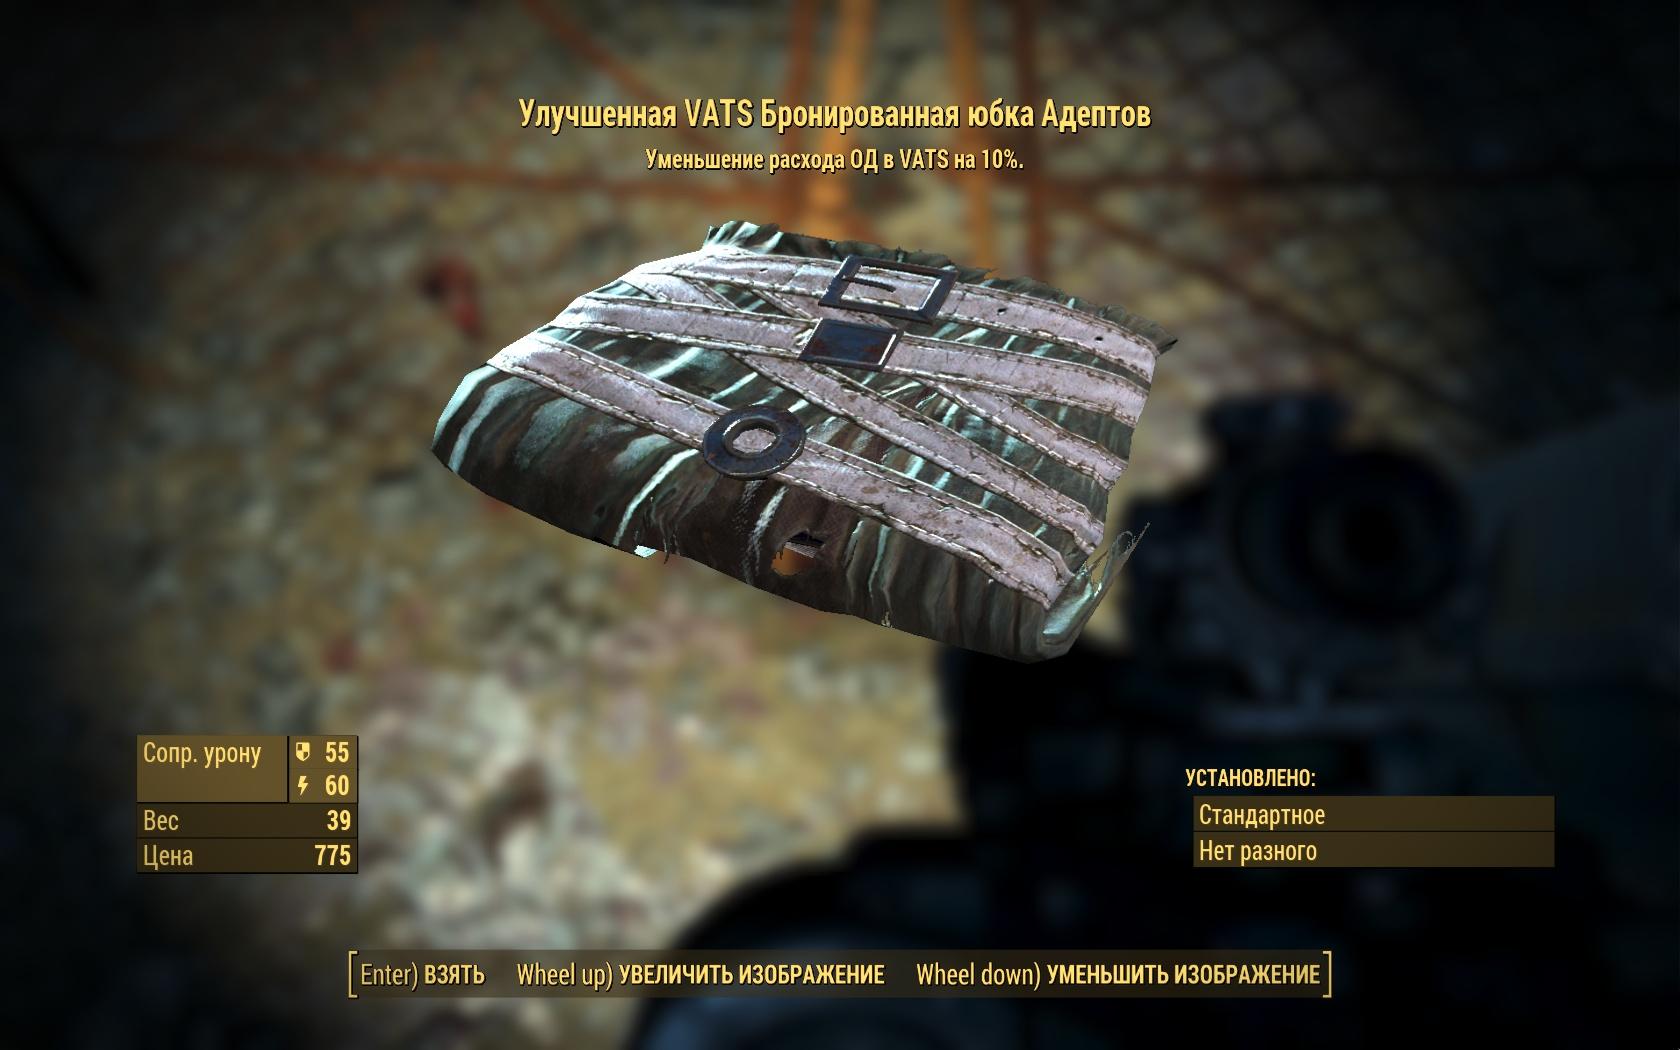 Улучшенная VATS бронированная юбка Адептов - Fallout 4 VATS, Адепты, бронированная, Одежда, Улучшенная, юбка